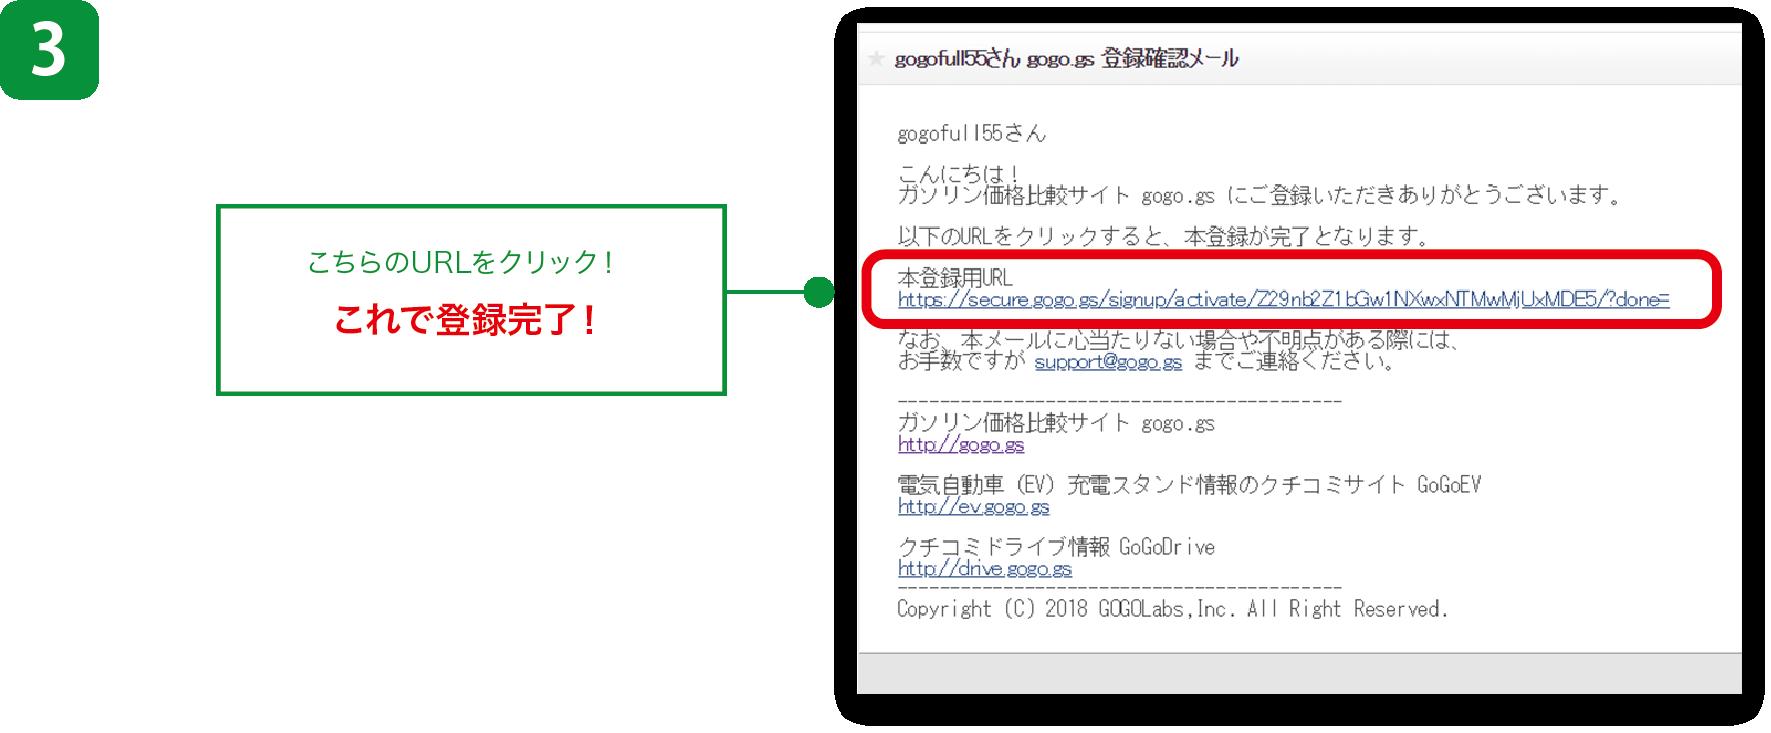 ユーザー登録3ステップ